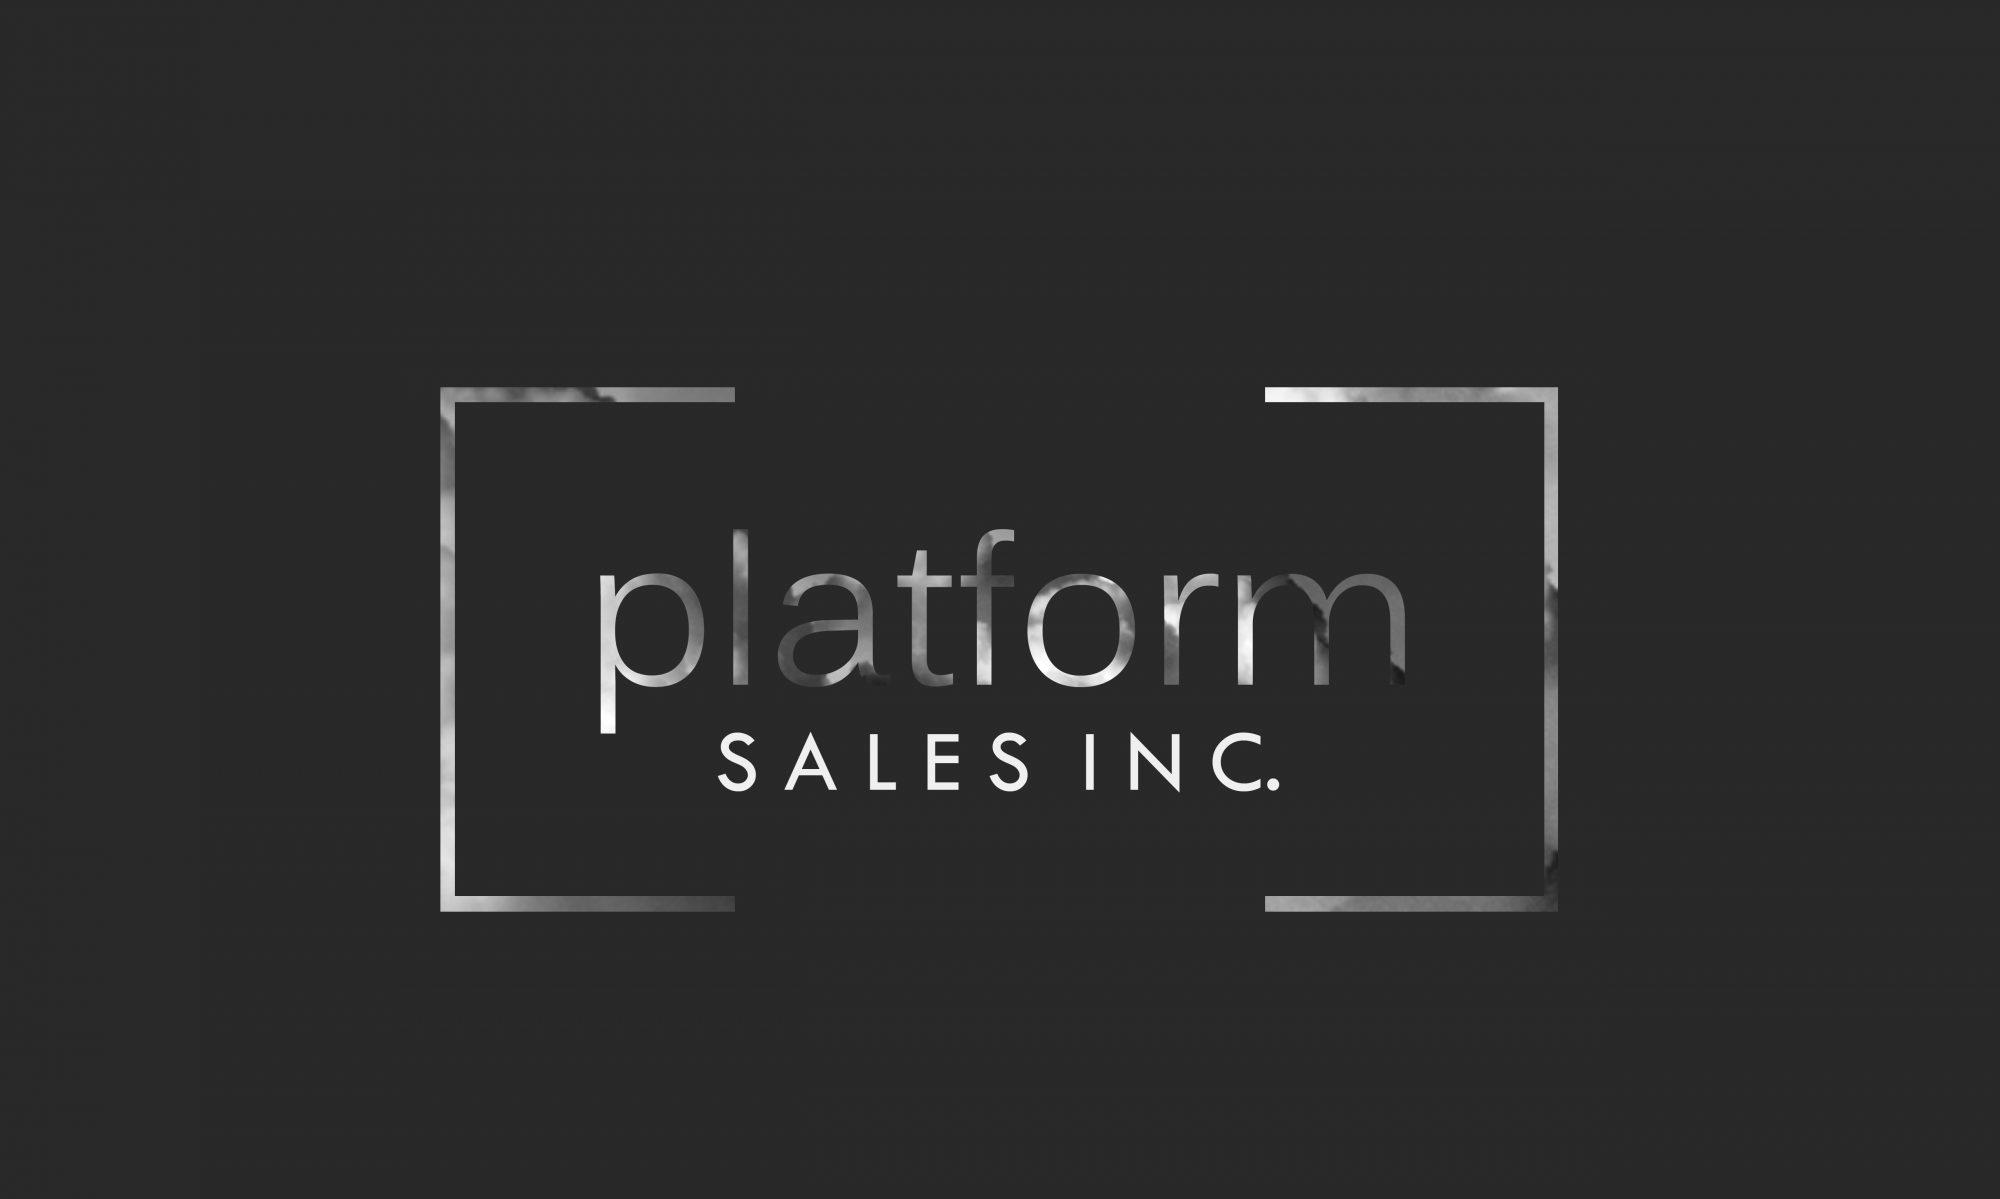 Platform Sales